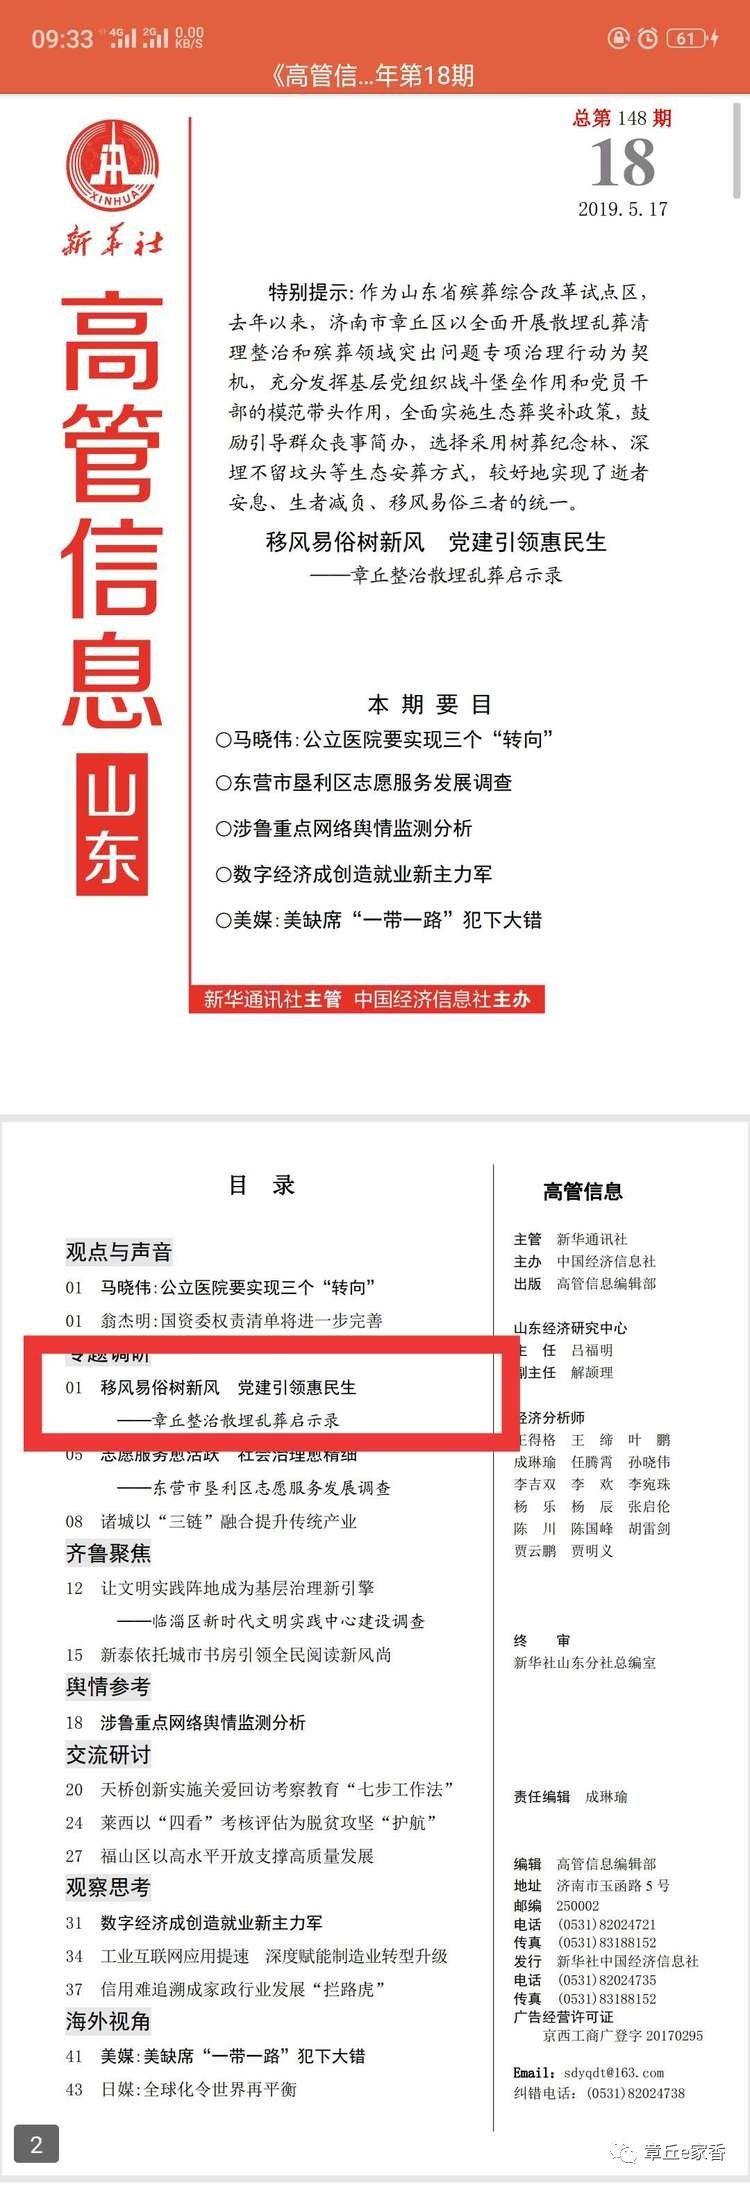 <b>【E家讲述】新华社点赞章丘移风易俗工作经验</b>